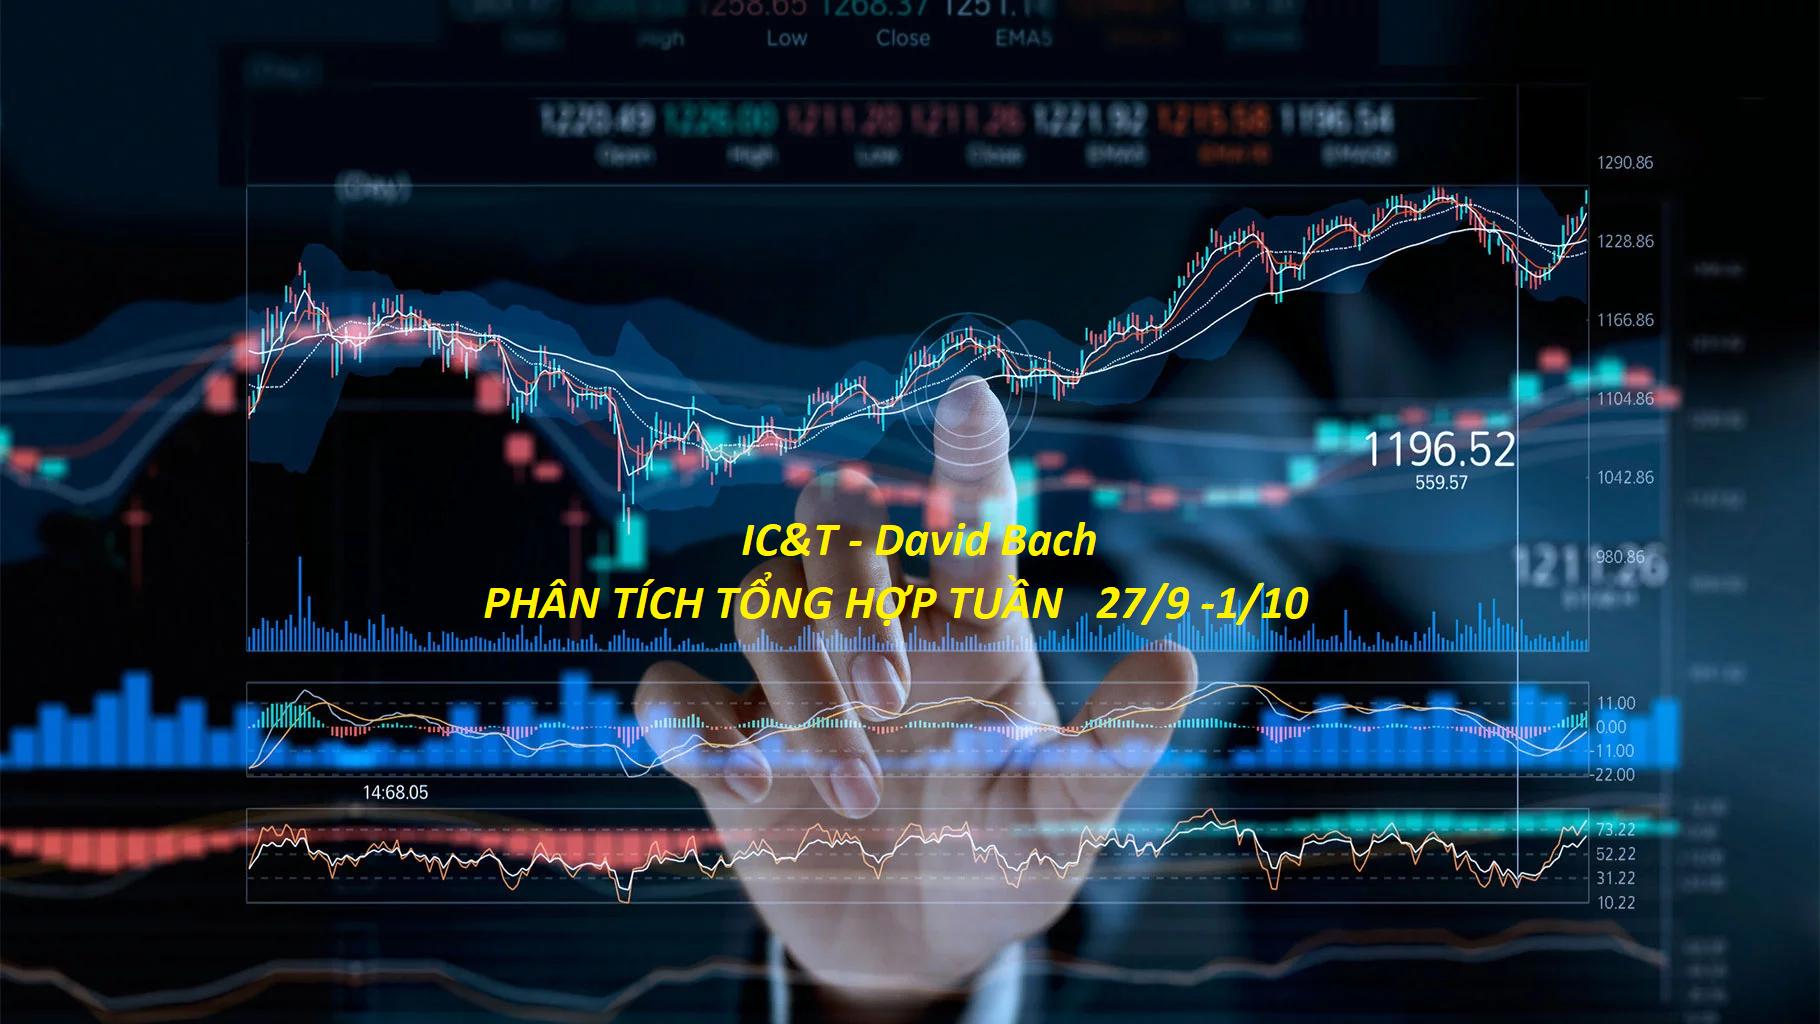 Tổng hợp phân tích tuần - thị trường tài chính 27/9-01/10/2021